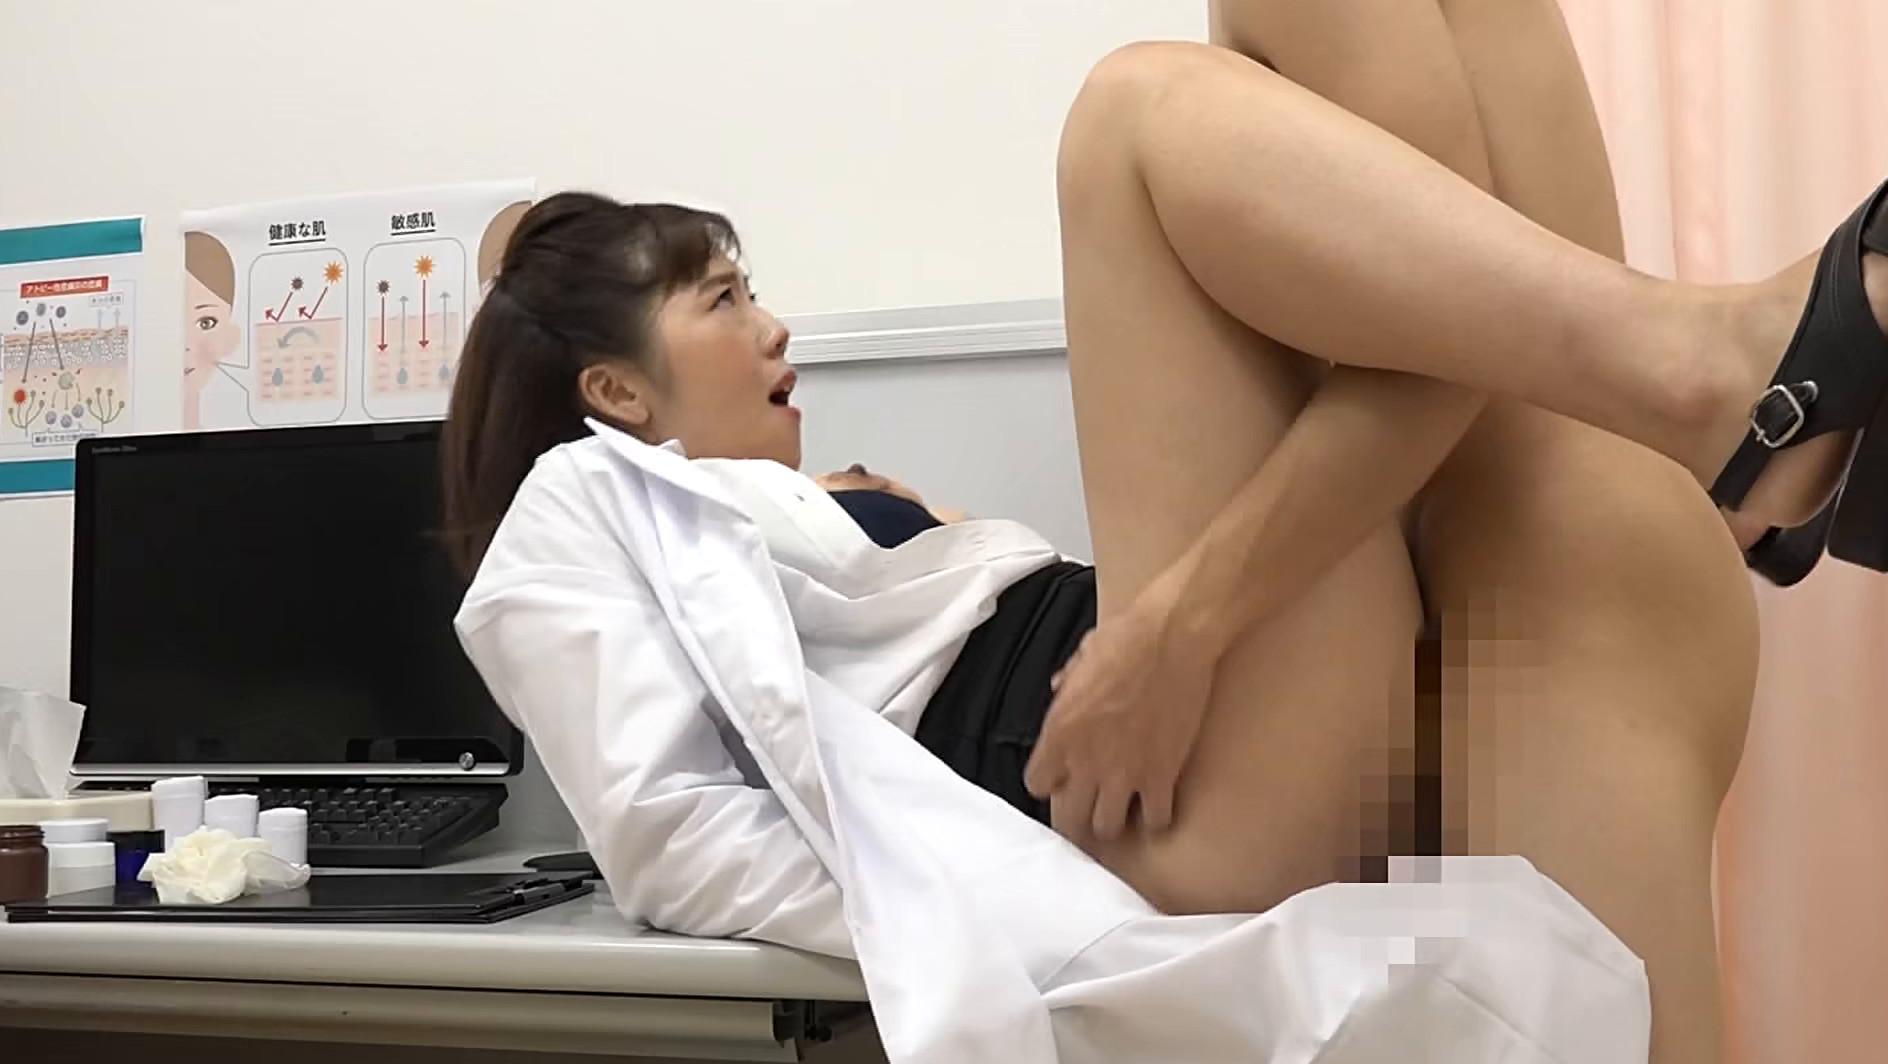 美人の先生がいる皮膚科に行って腫れたチンコを診てもらう流れでヌイてもらいたい総集編(3) 画像19